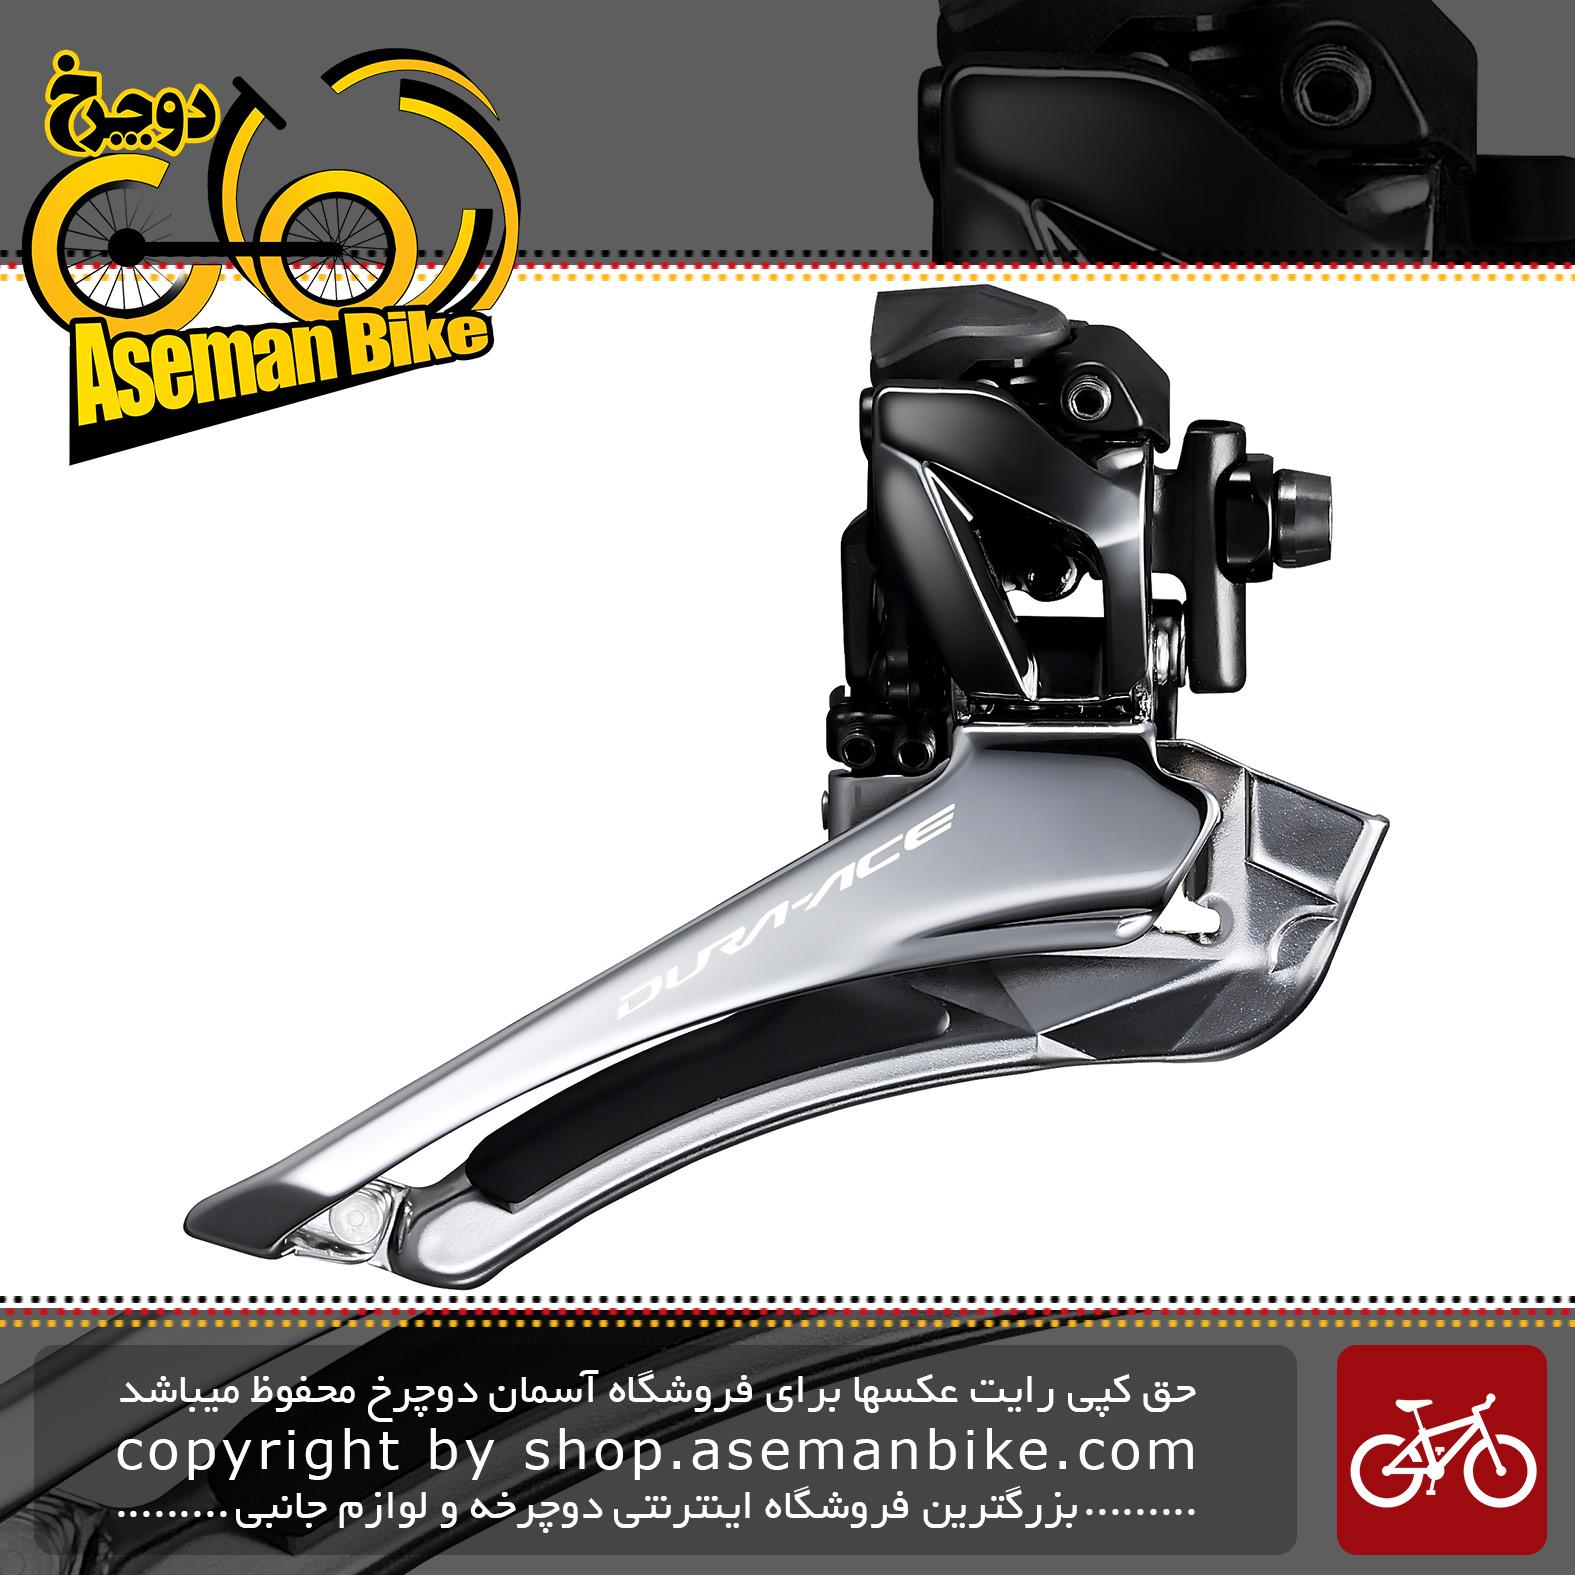 طبق عوض کن دوچرخه شیمانو دورایس بریز آن 9100 Shimano FD R9100 BRAZE ON